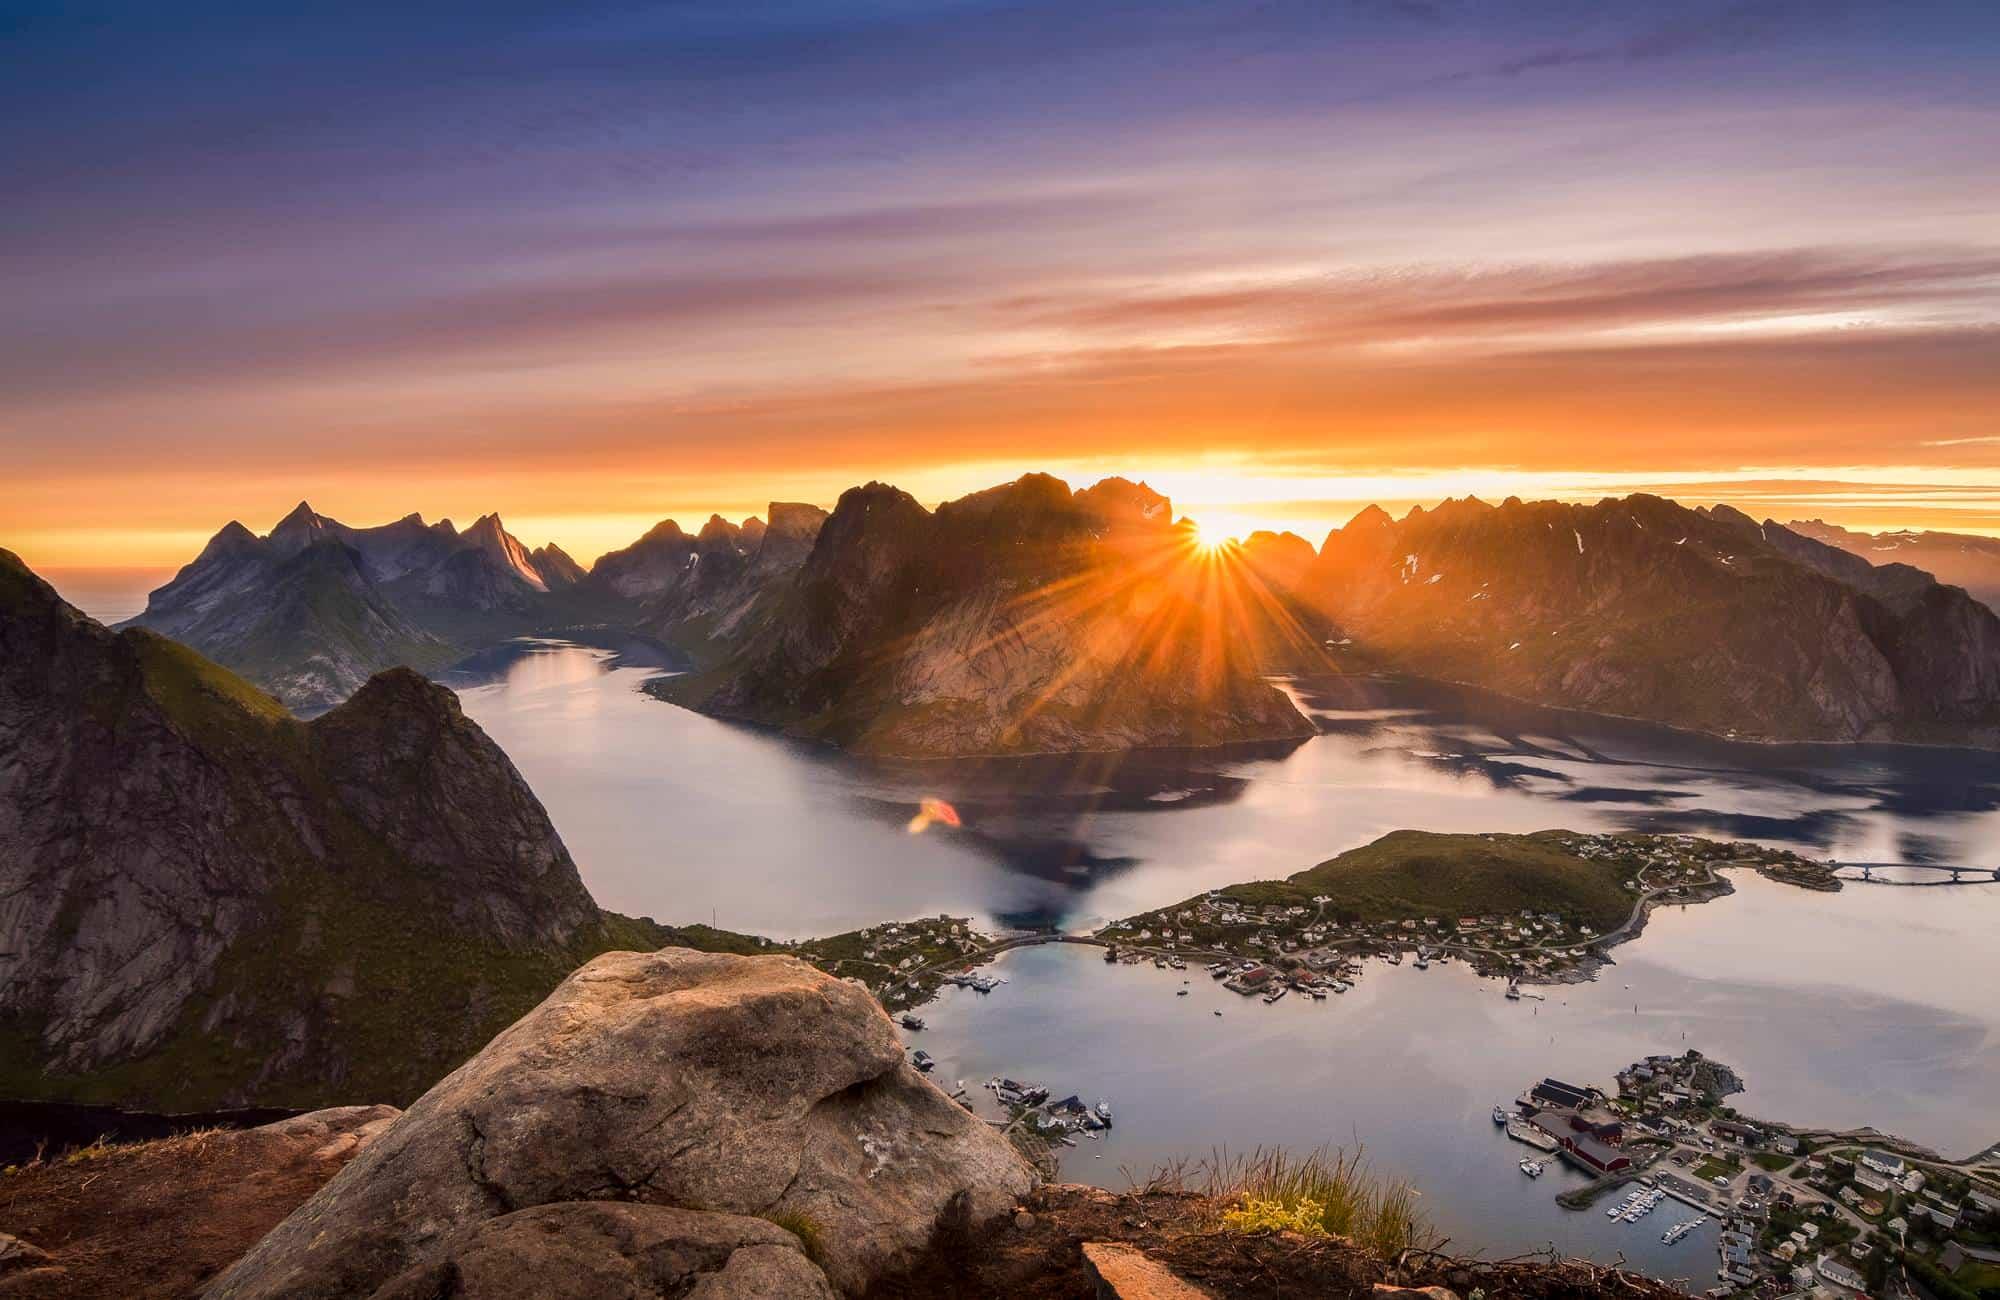 Voyage en Norvège - les îles Lofoten sous le soleil de minuit - Amplitudes